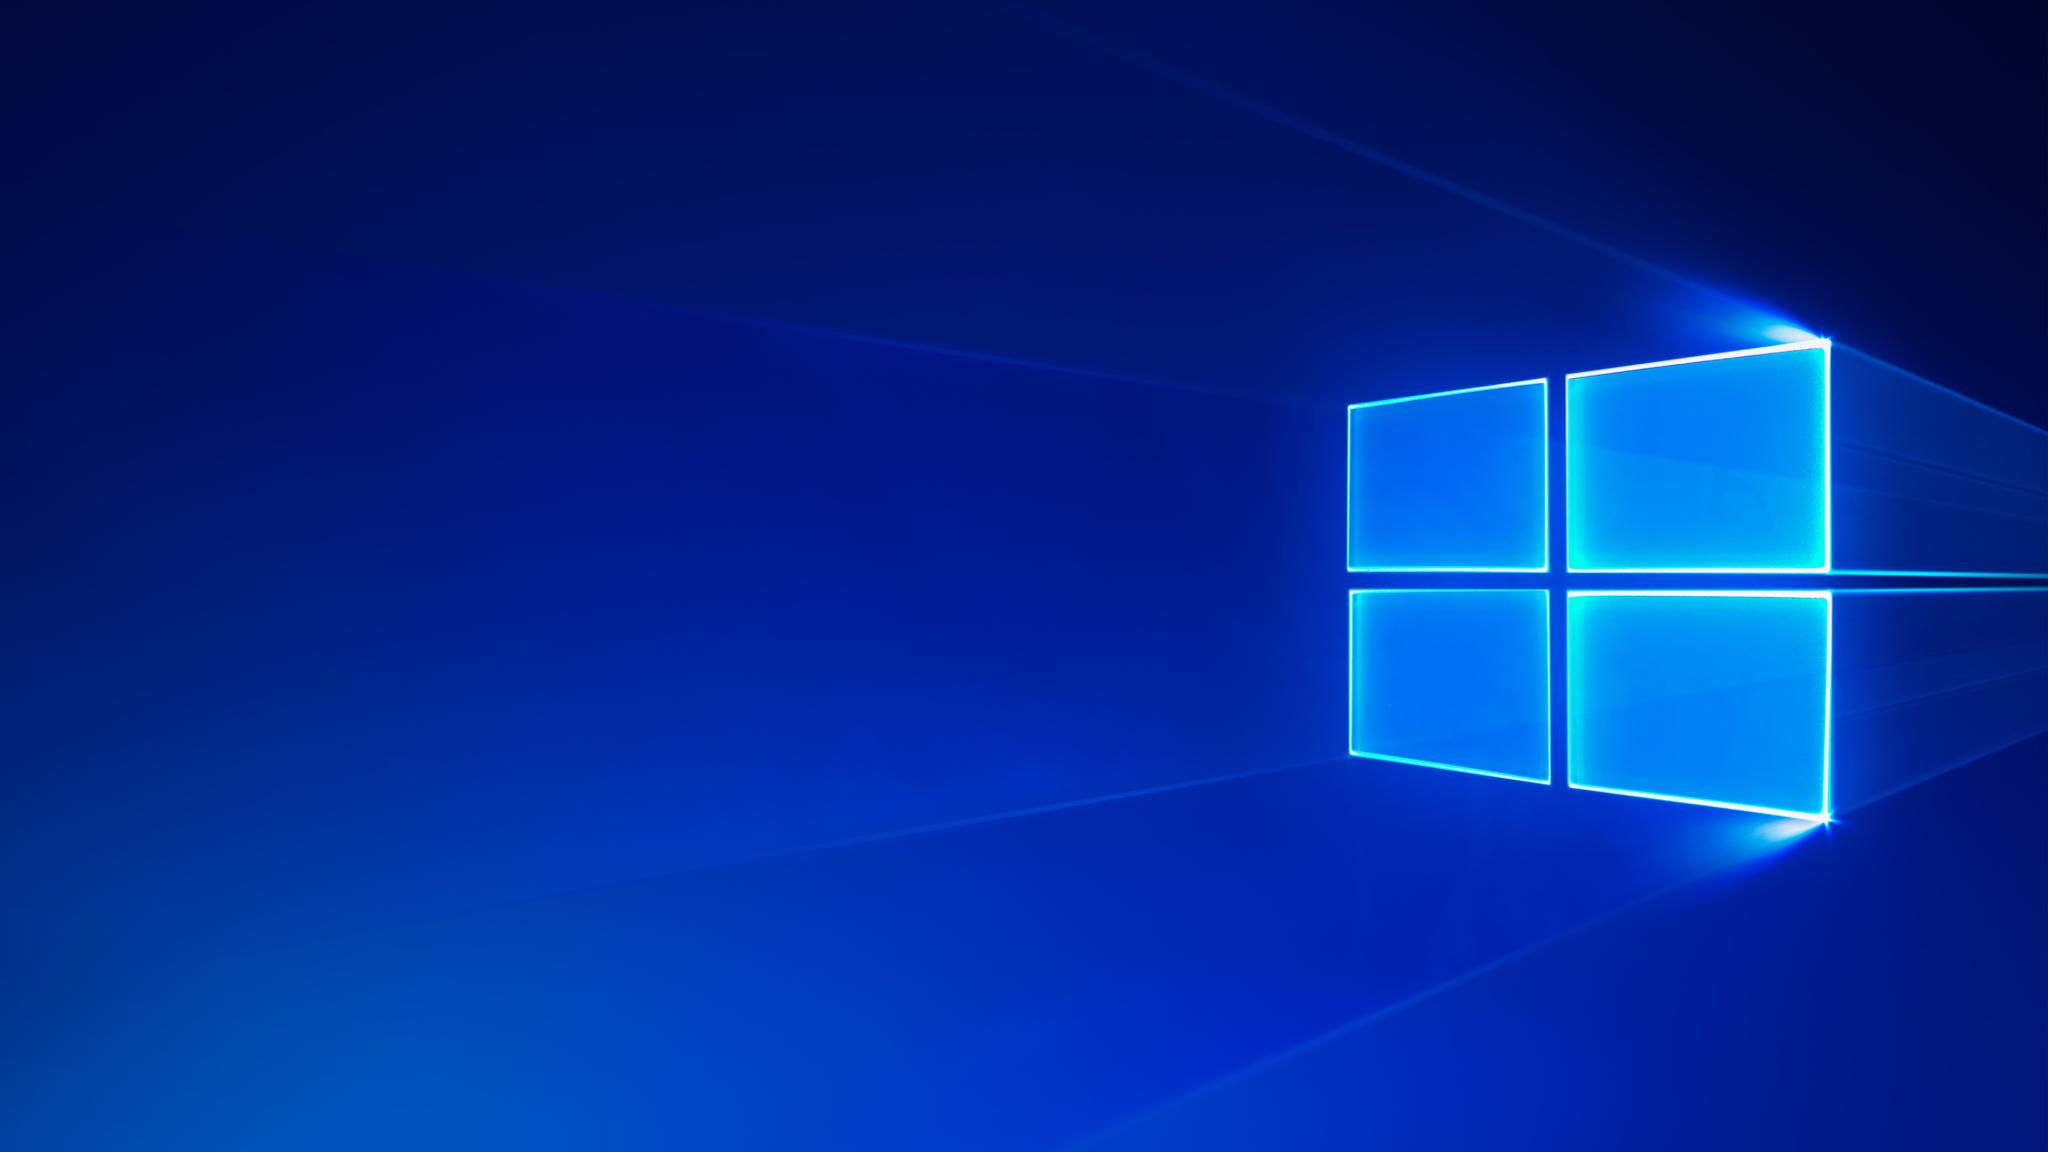 Originální Windows 10 Pro a Office 2016 Pro do 1000 Kč! [sponzorovaný článek]